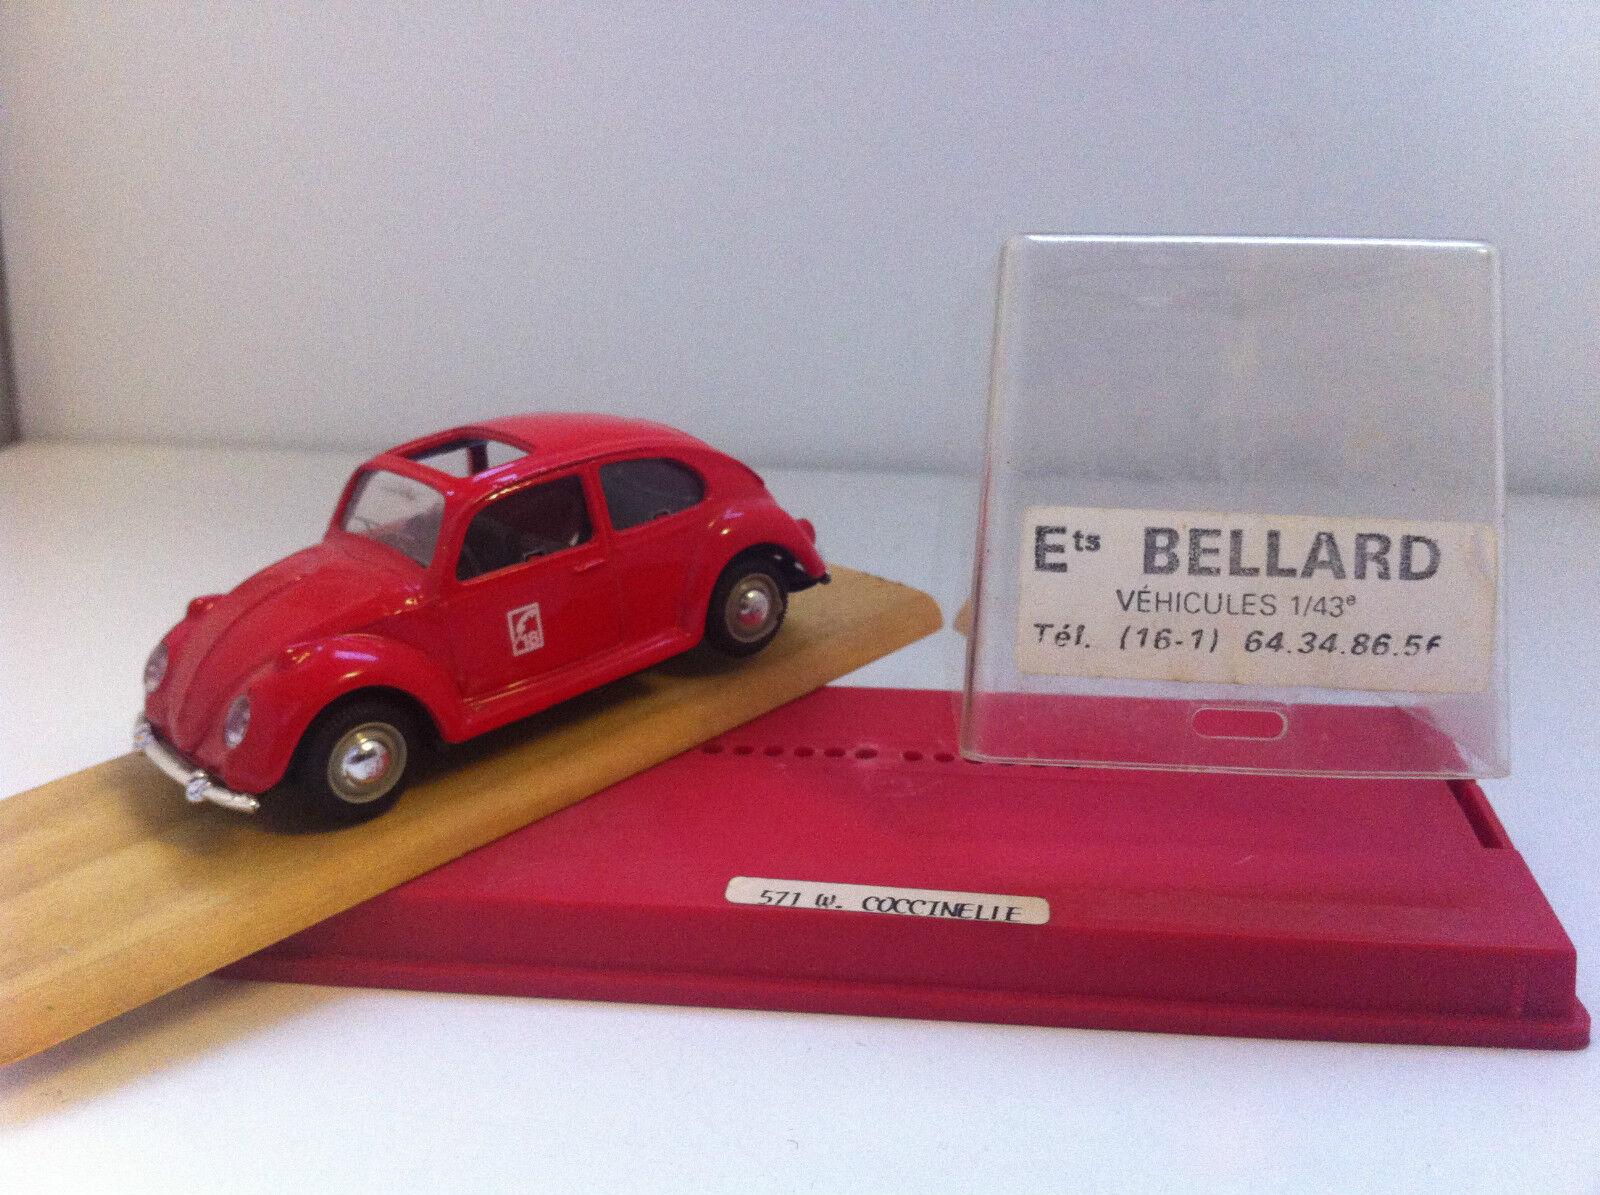 Solido (Ets Bellard) - Volkswagen Coccinelle Beetle Pompiers (1 43) - Rare